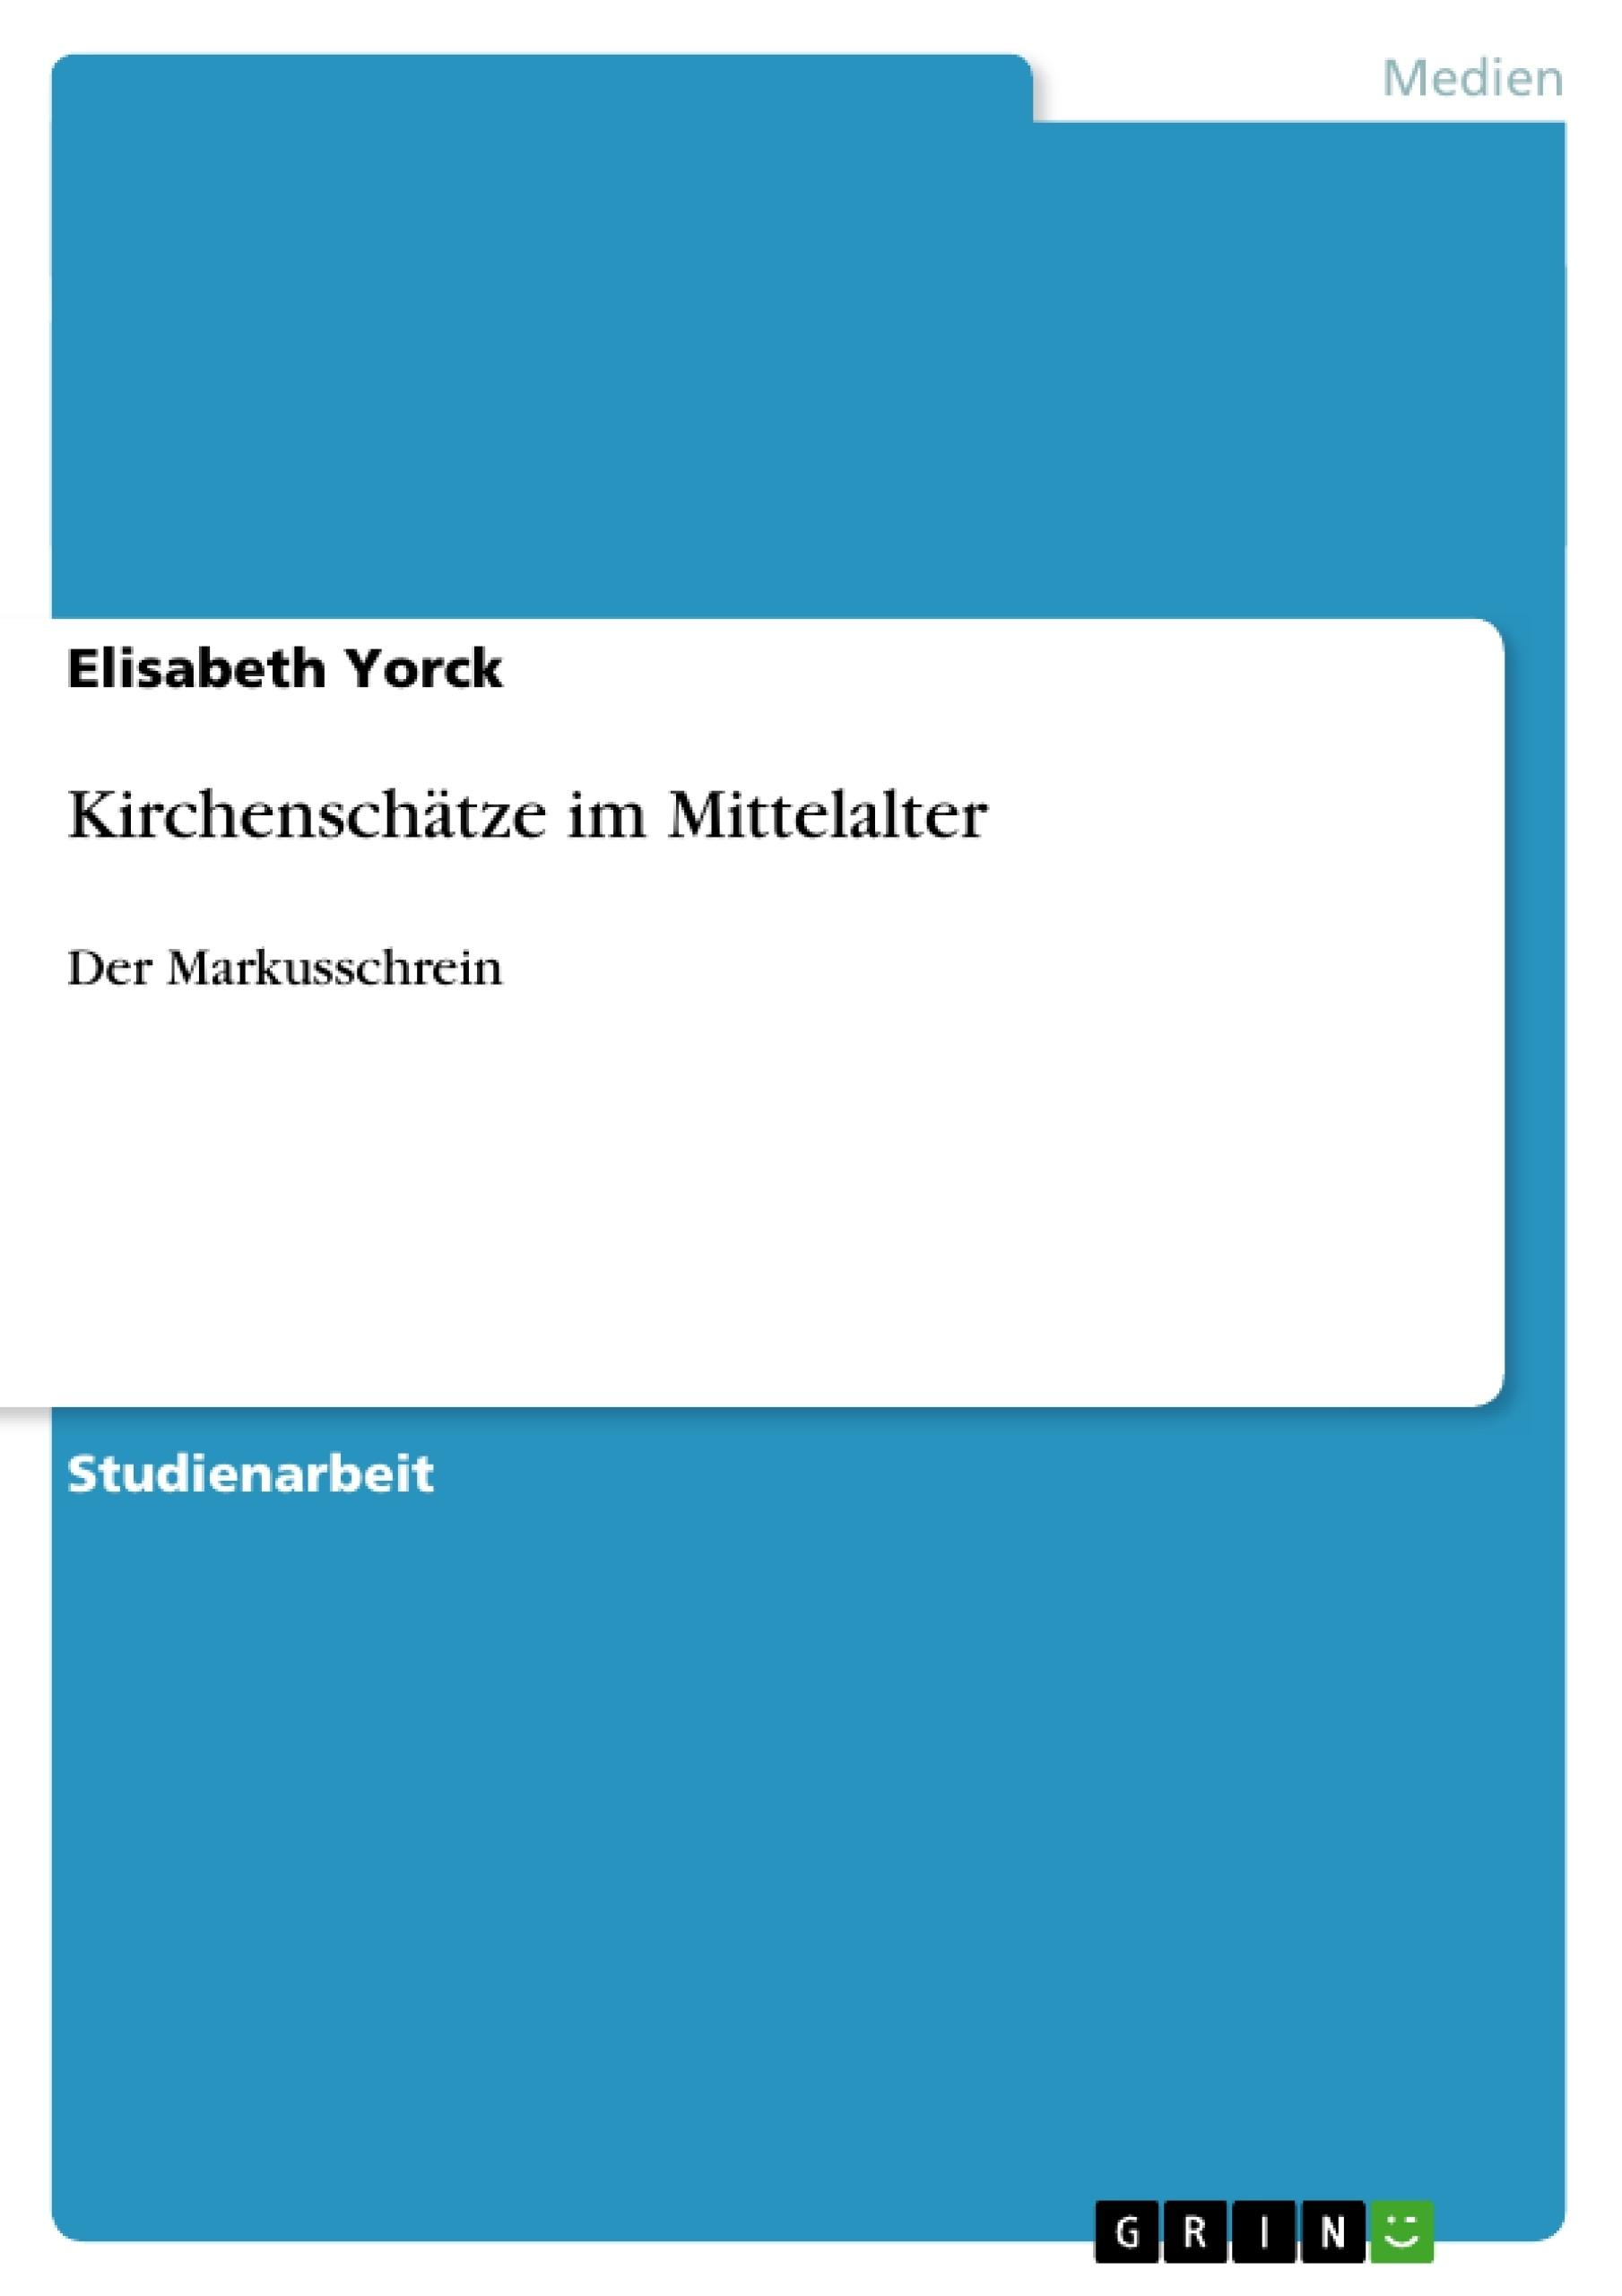 Titel: Kirchenschätze im Mittelalter